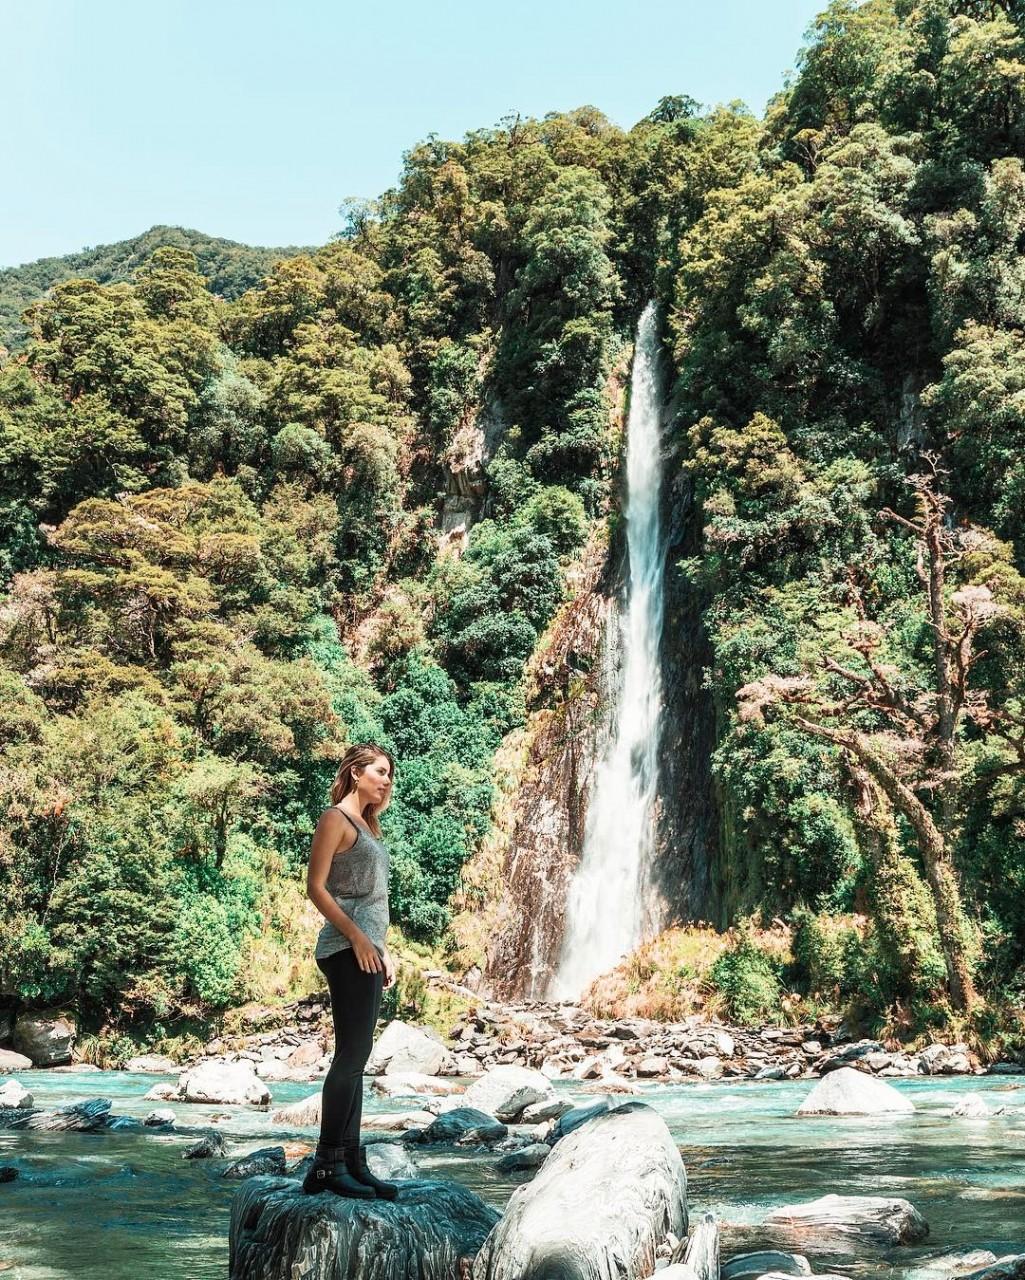 Невероятные путешествия на снимках Паоло дель Валле